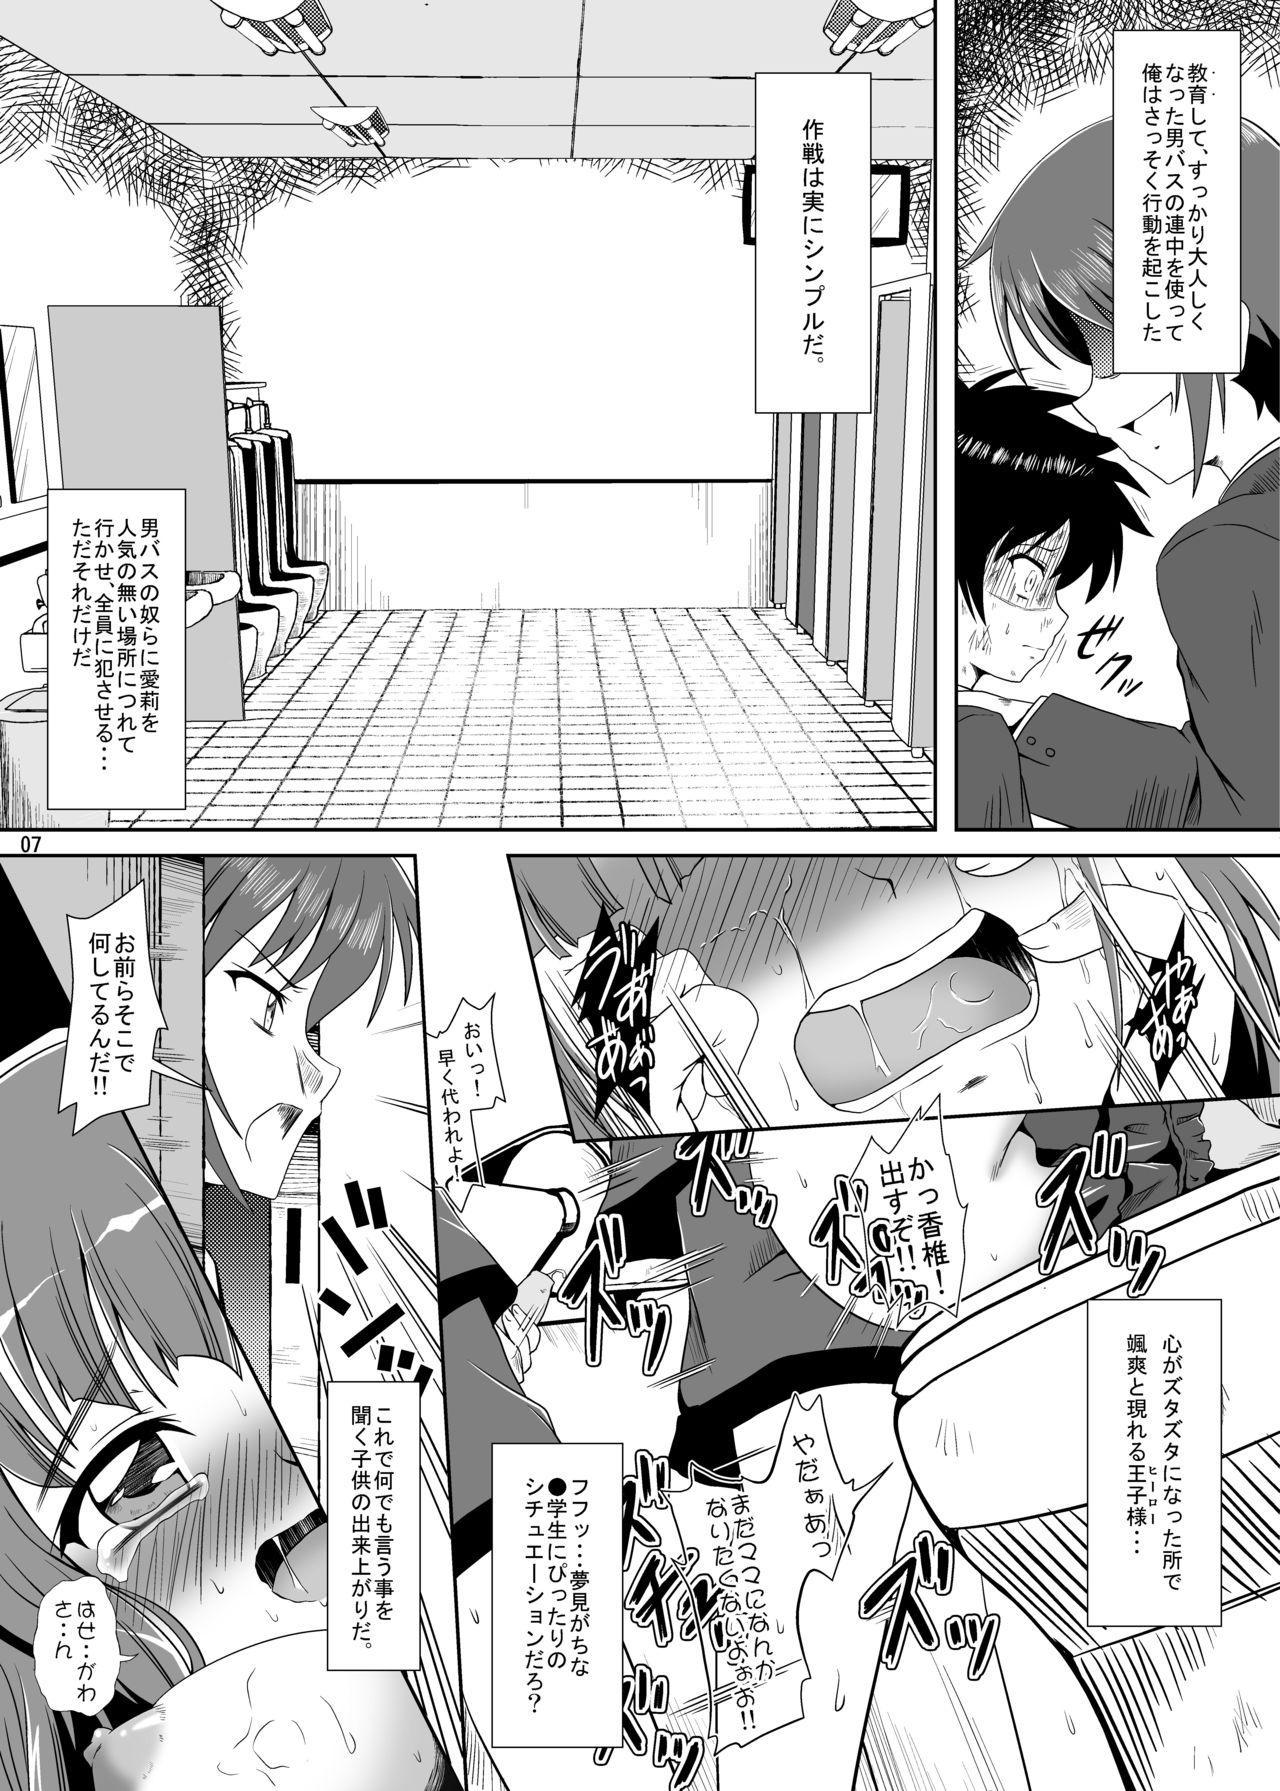 ○Gakusei wa Saikou daze! 5